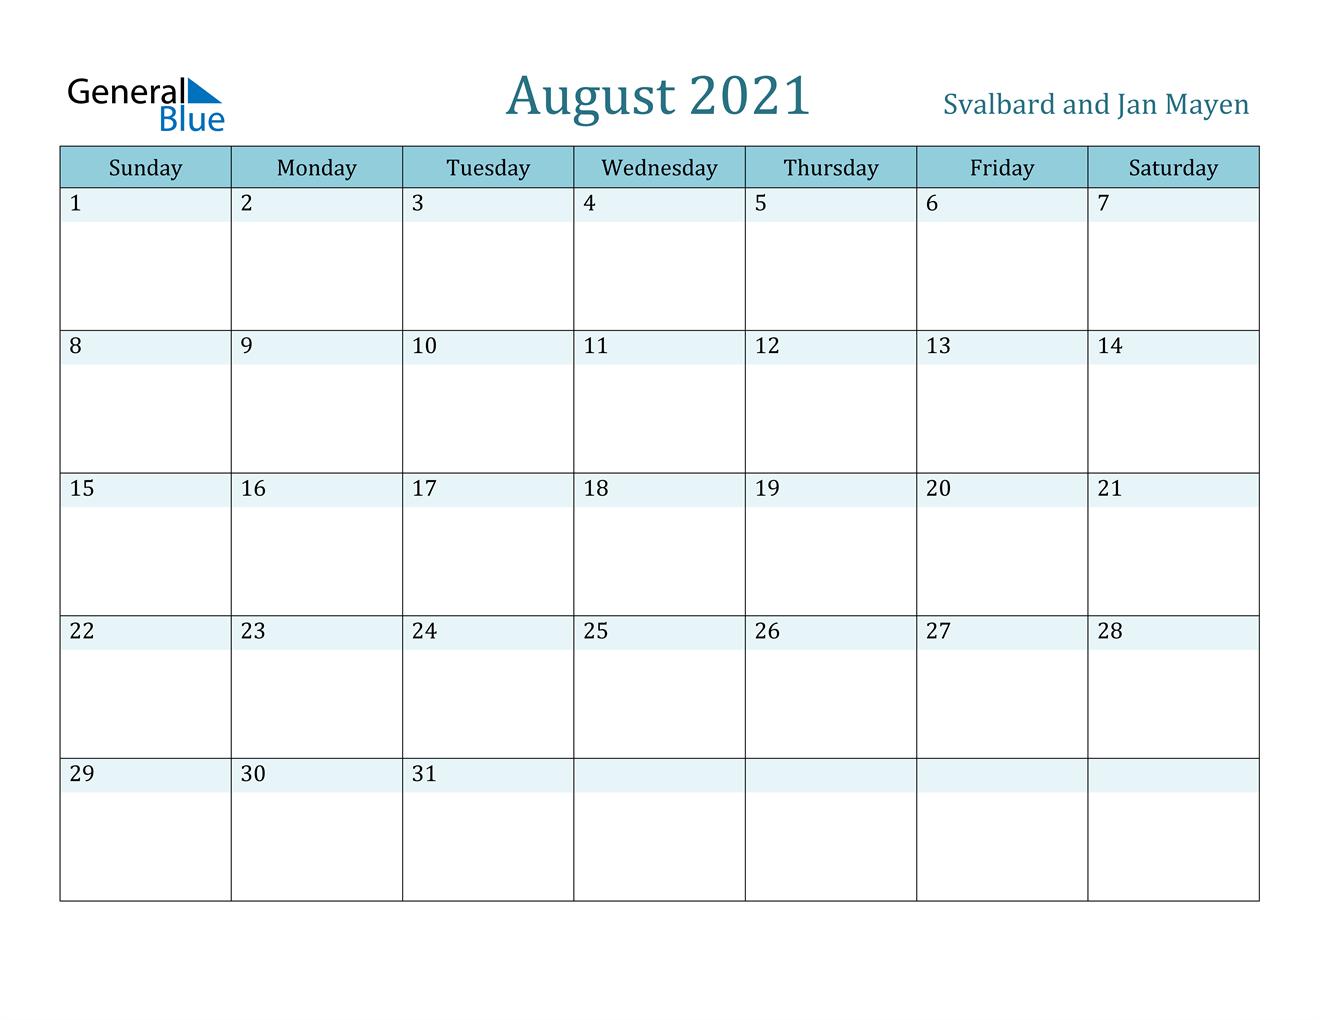 August 2021 Calendar - Svalbard and Jan Mayen